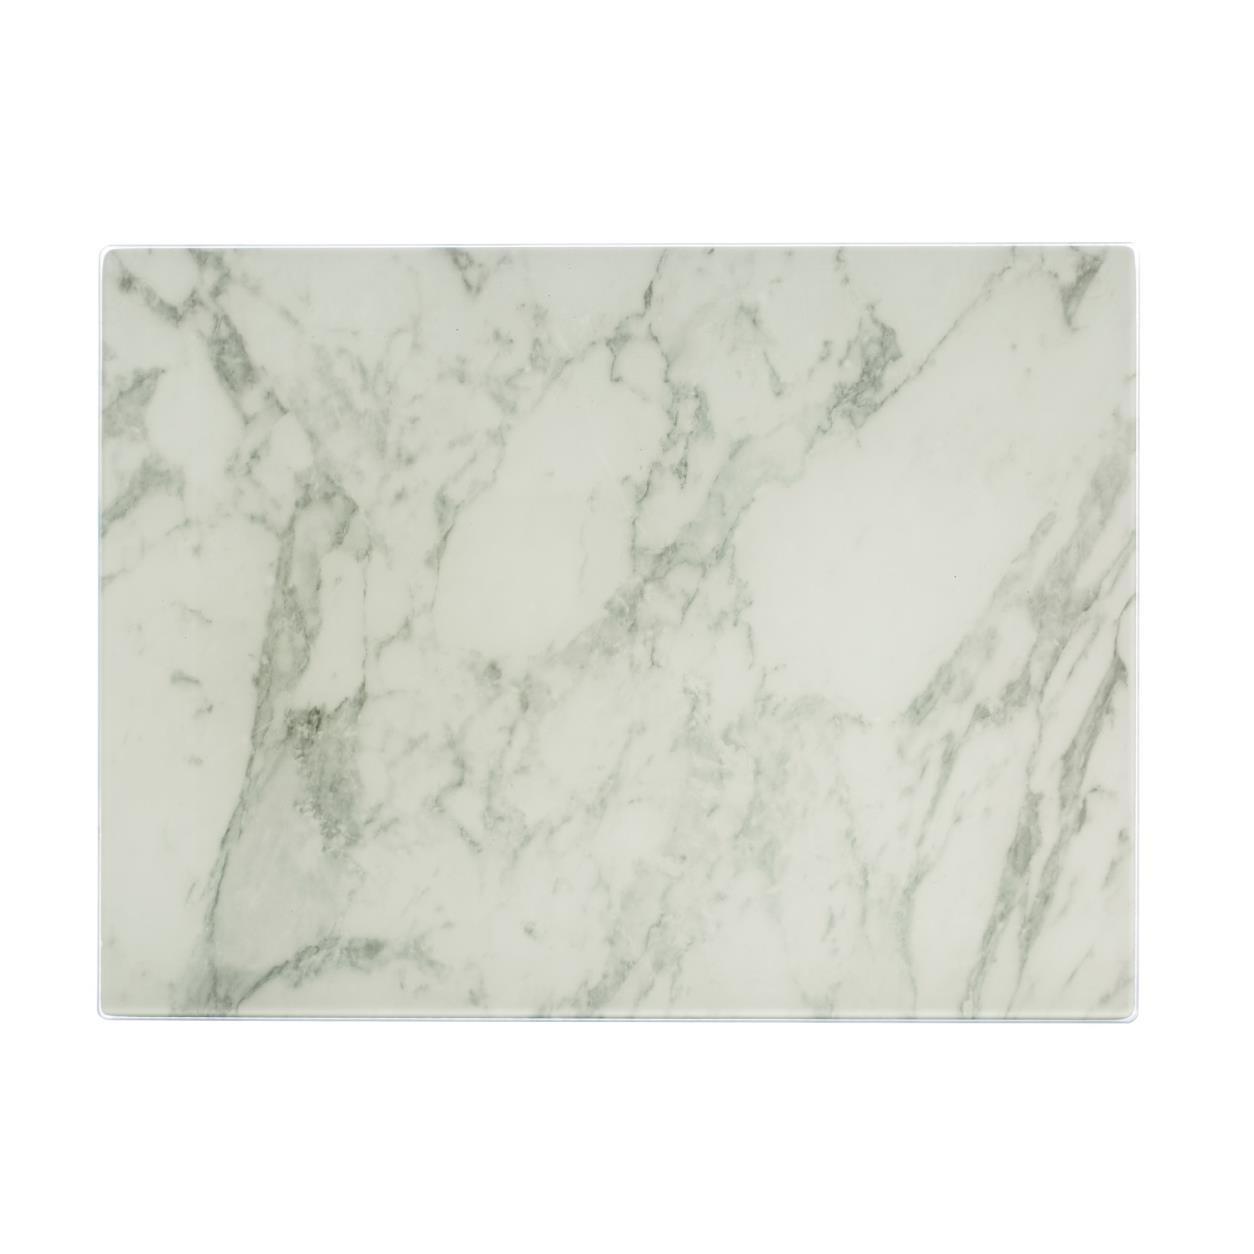 Επιφάνεια κοπής Marble Γυάλινη 40cm x 30cm Typhoon home   αξεσουαρ κουζινας   επιφάνειες κοπής